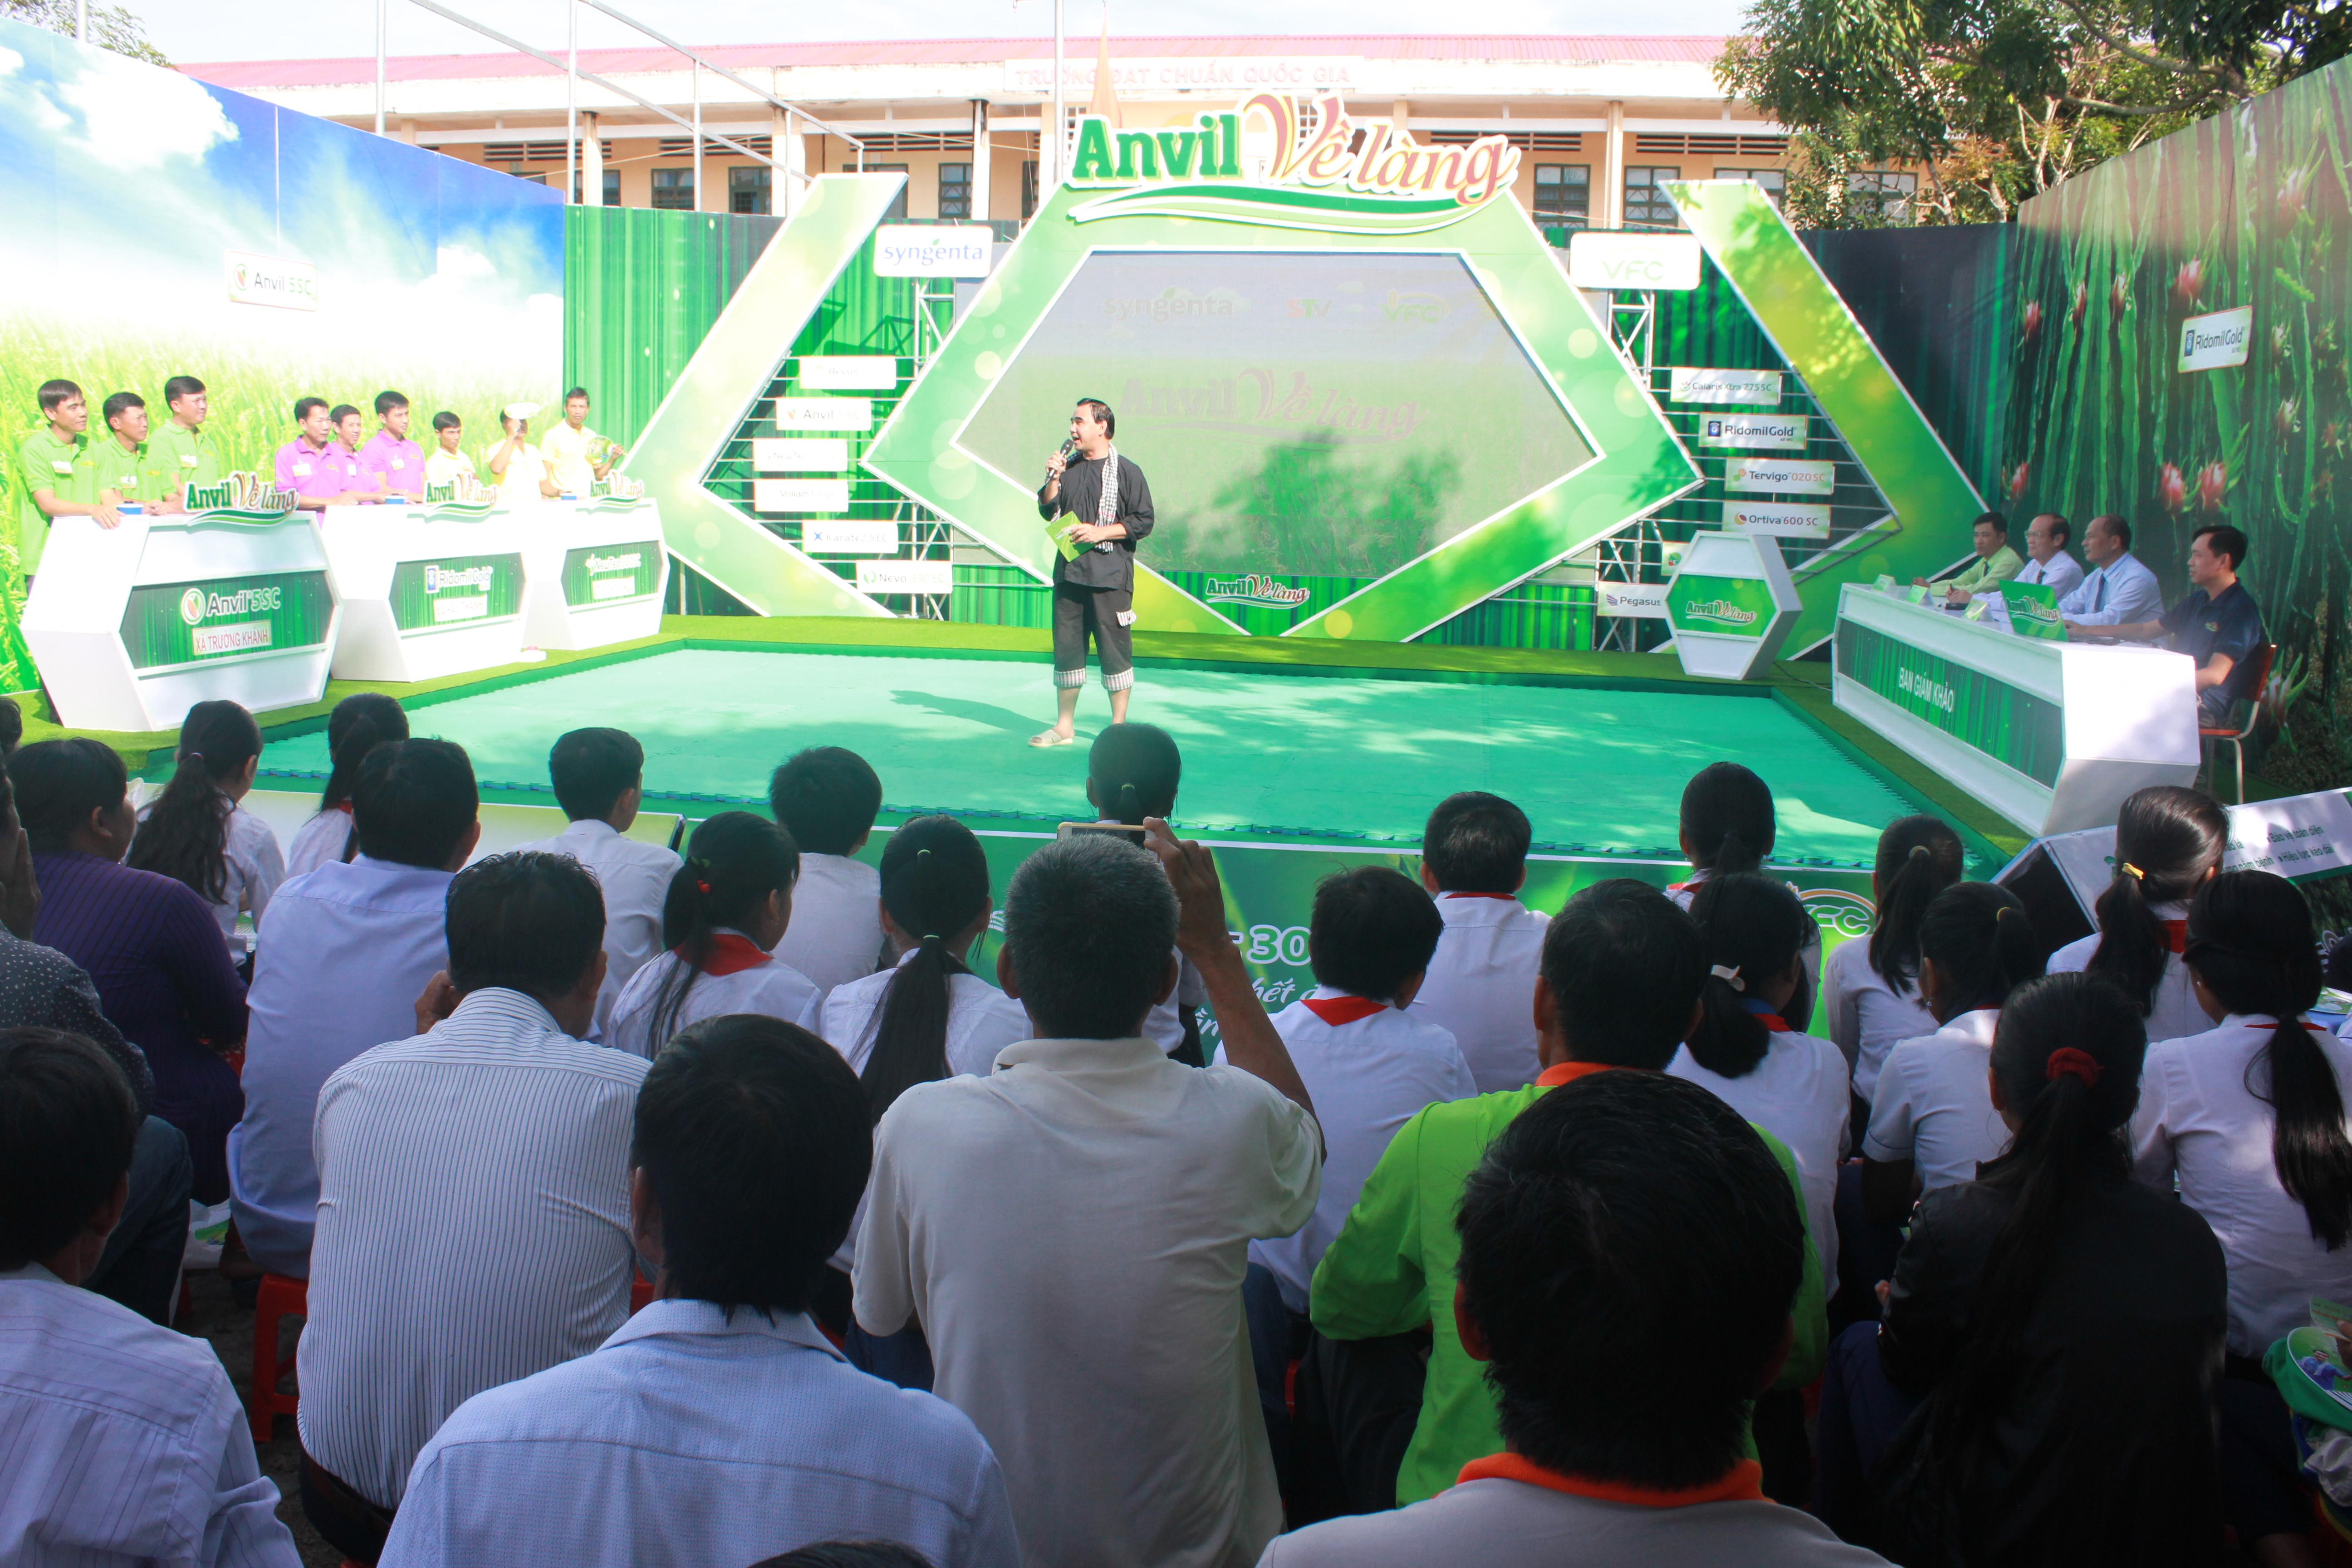 Anvil về làng tập 2